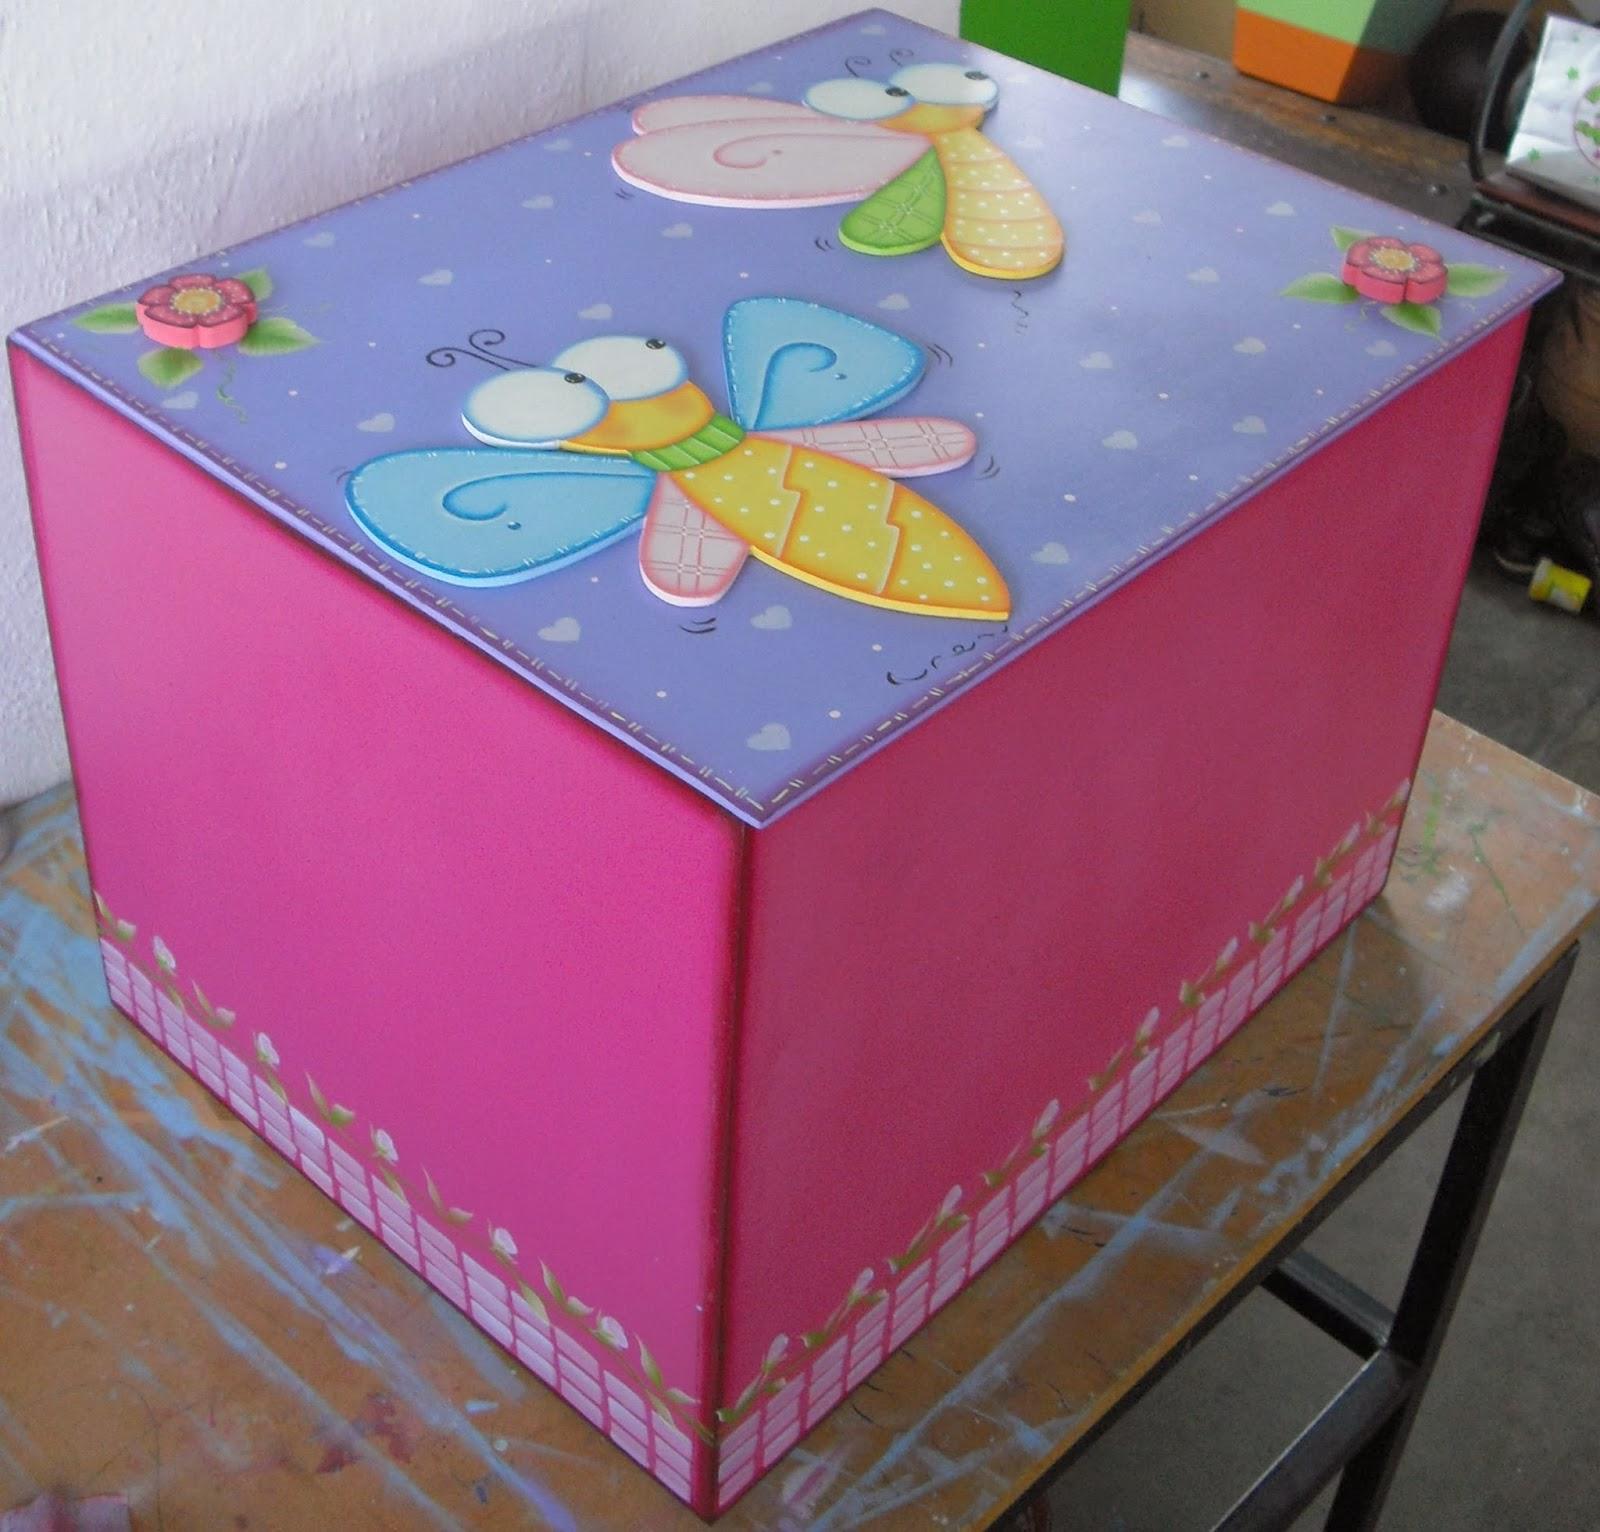 Cajas gigantes para guardar juguetes en mdf mis tablas - Cajas para almacenar juguetes ...